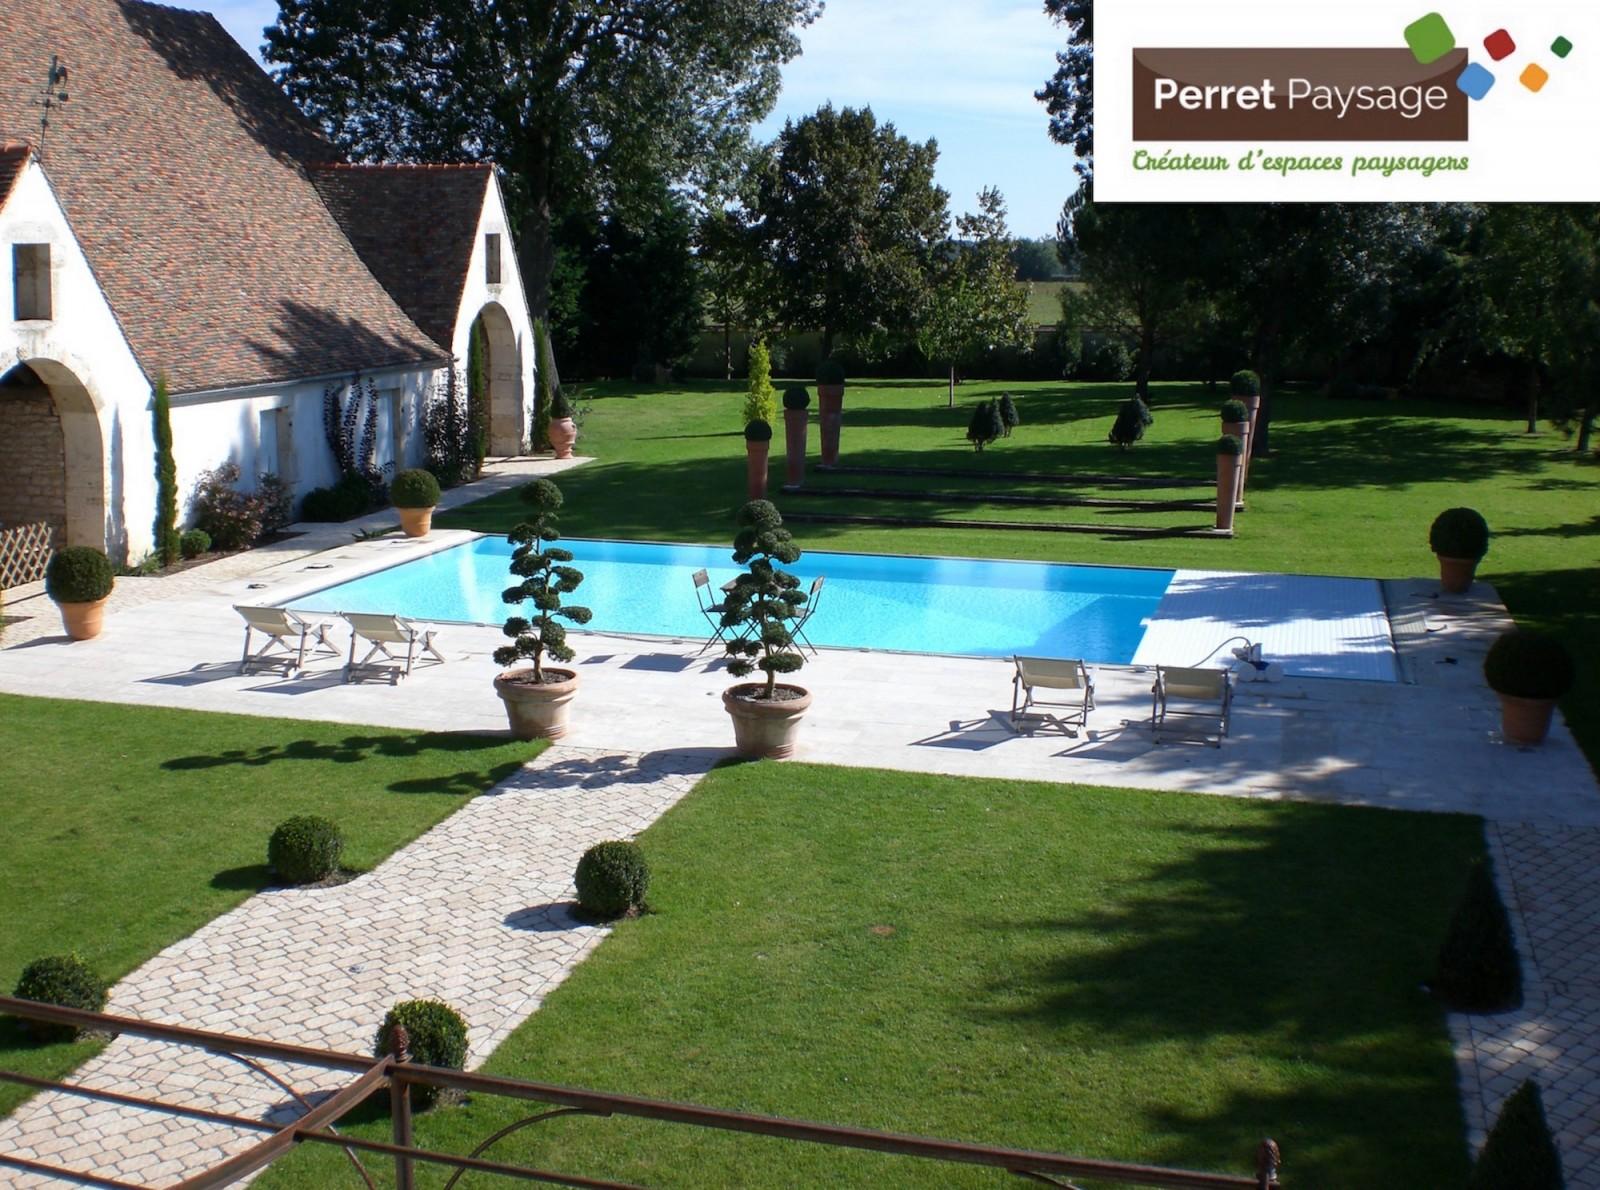 la piscine paysag e avec perret paysage une int gration parfaite dans votre jardin info chalon. Black Bedroom Furniture Sets. Home Design Ideas